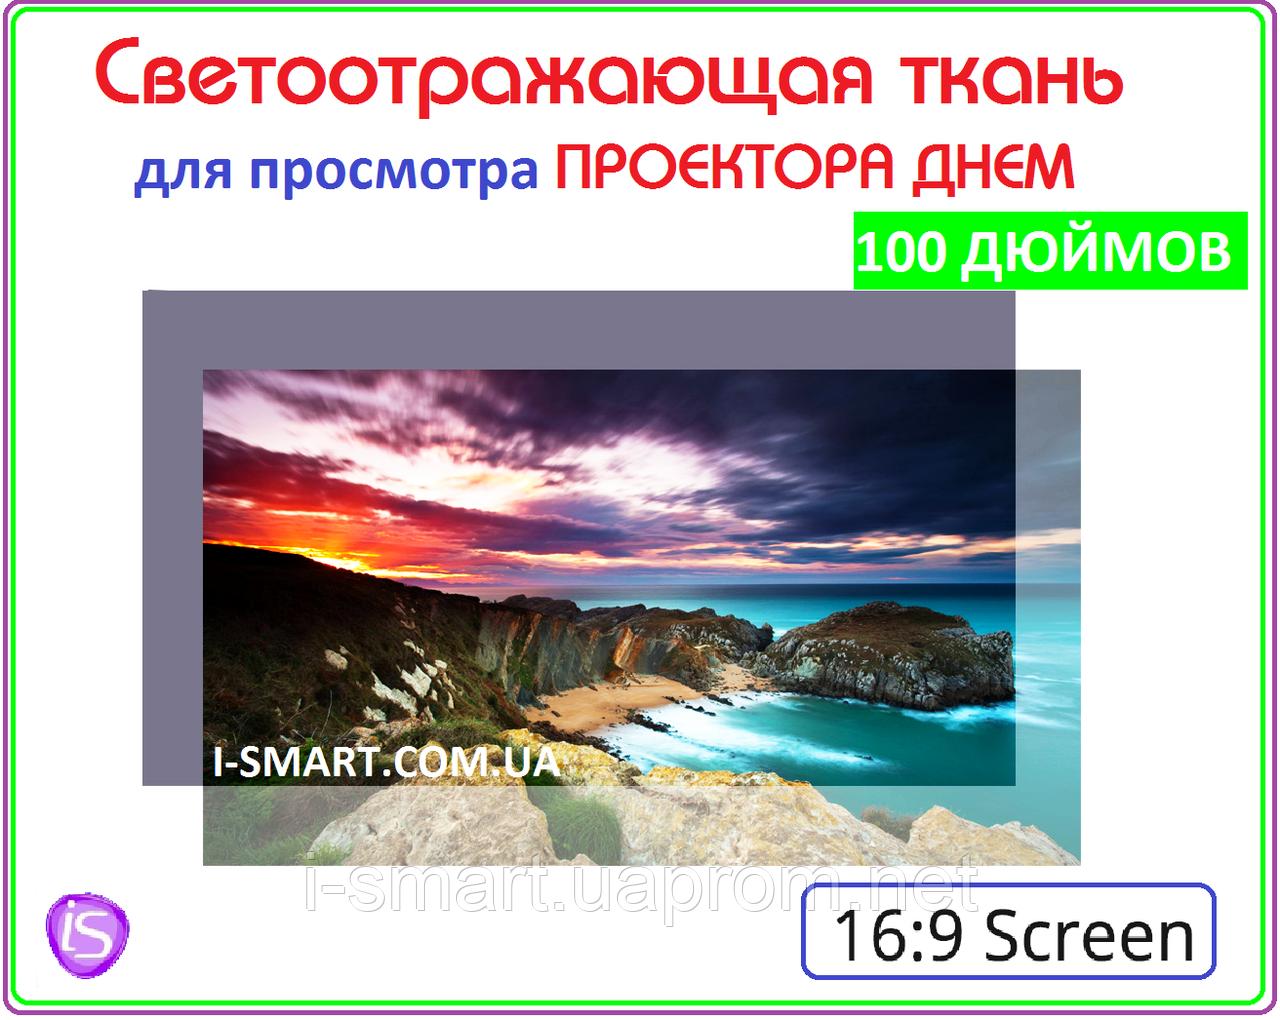 Экран для проектора светоотражающий 100 дюймов - для просмотра проектора днем